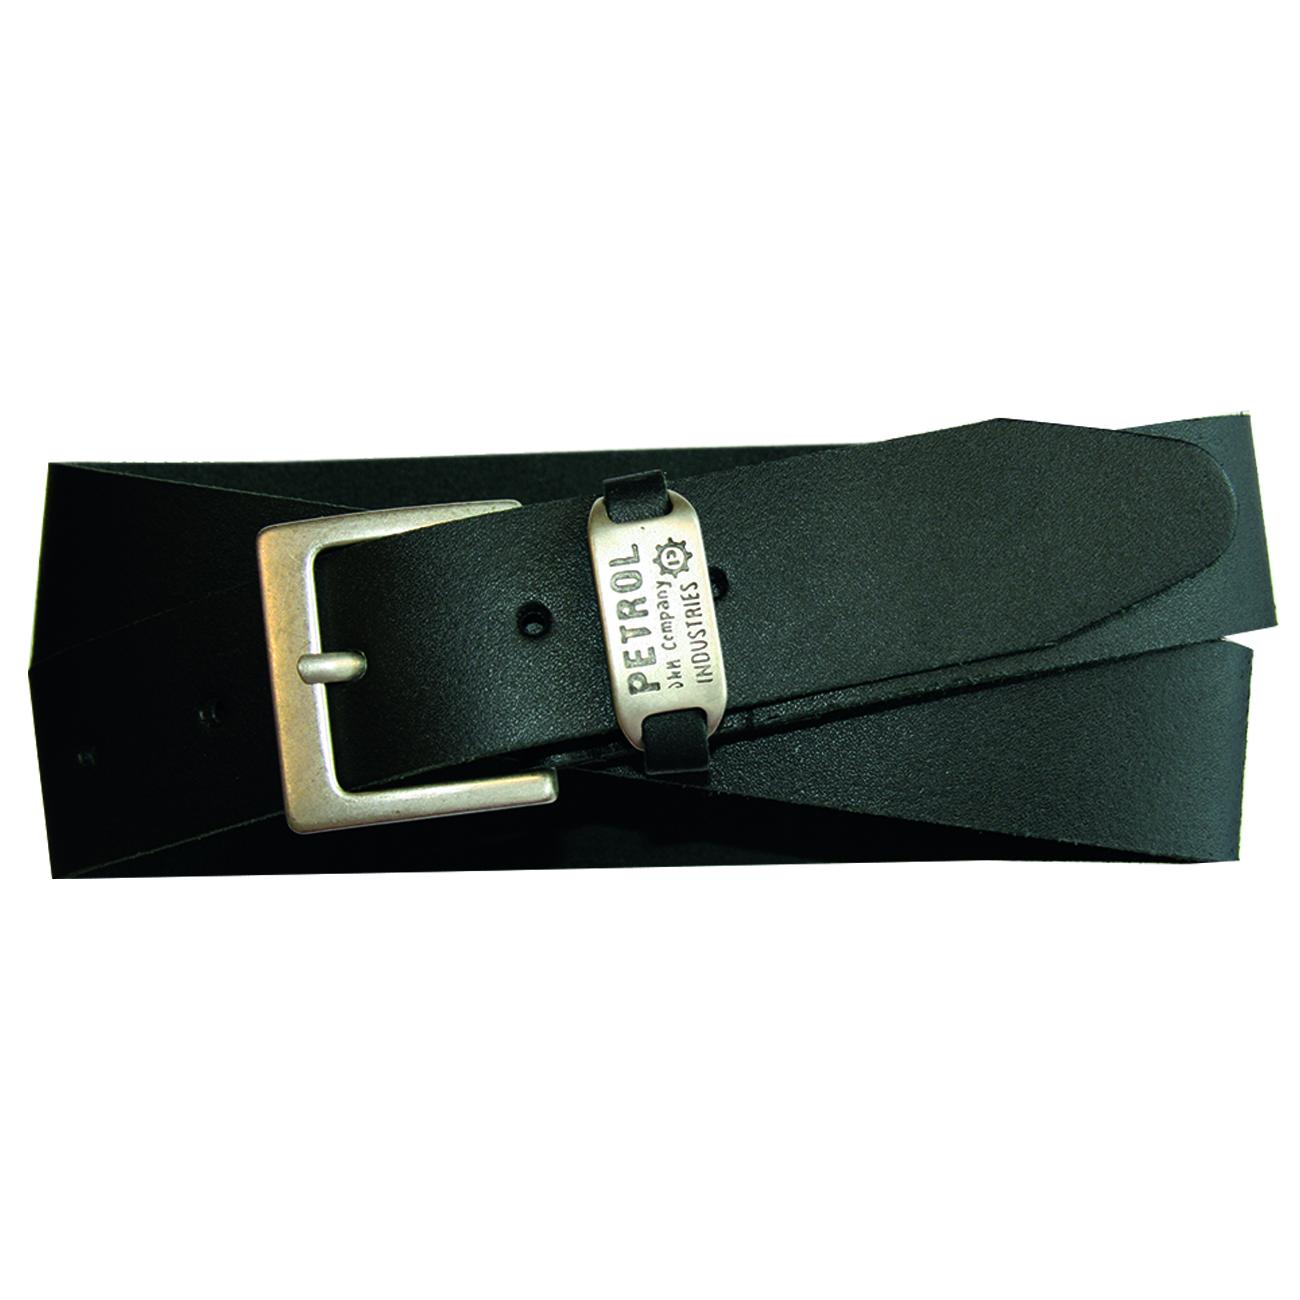 PETROL Industries Ledergürtel Leder Gürtel schwarz PE16 40250 black